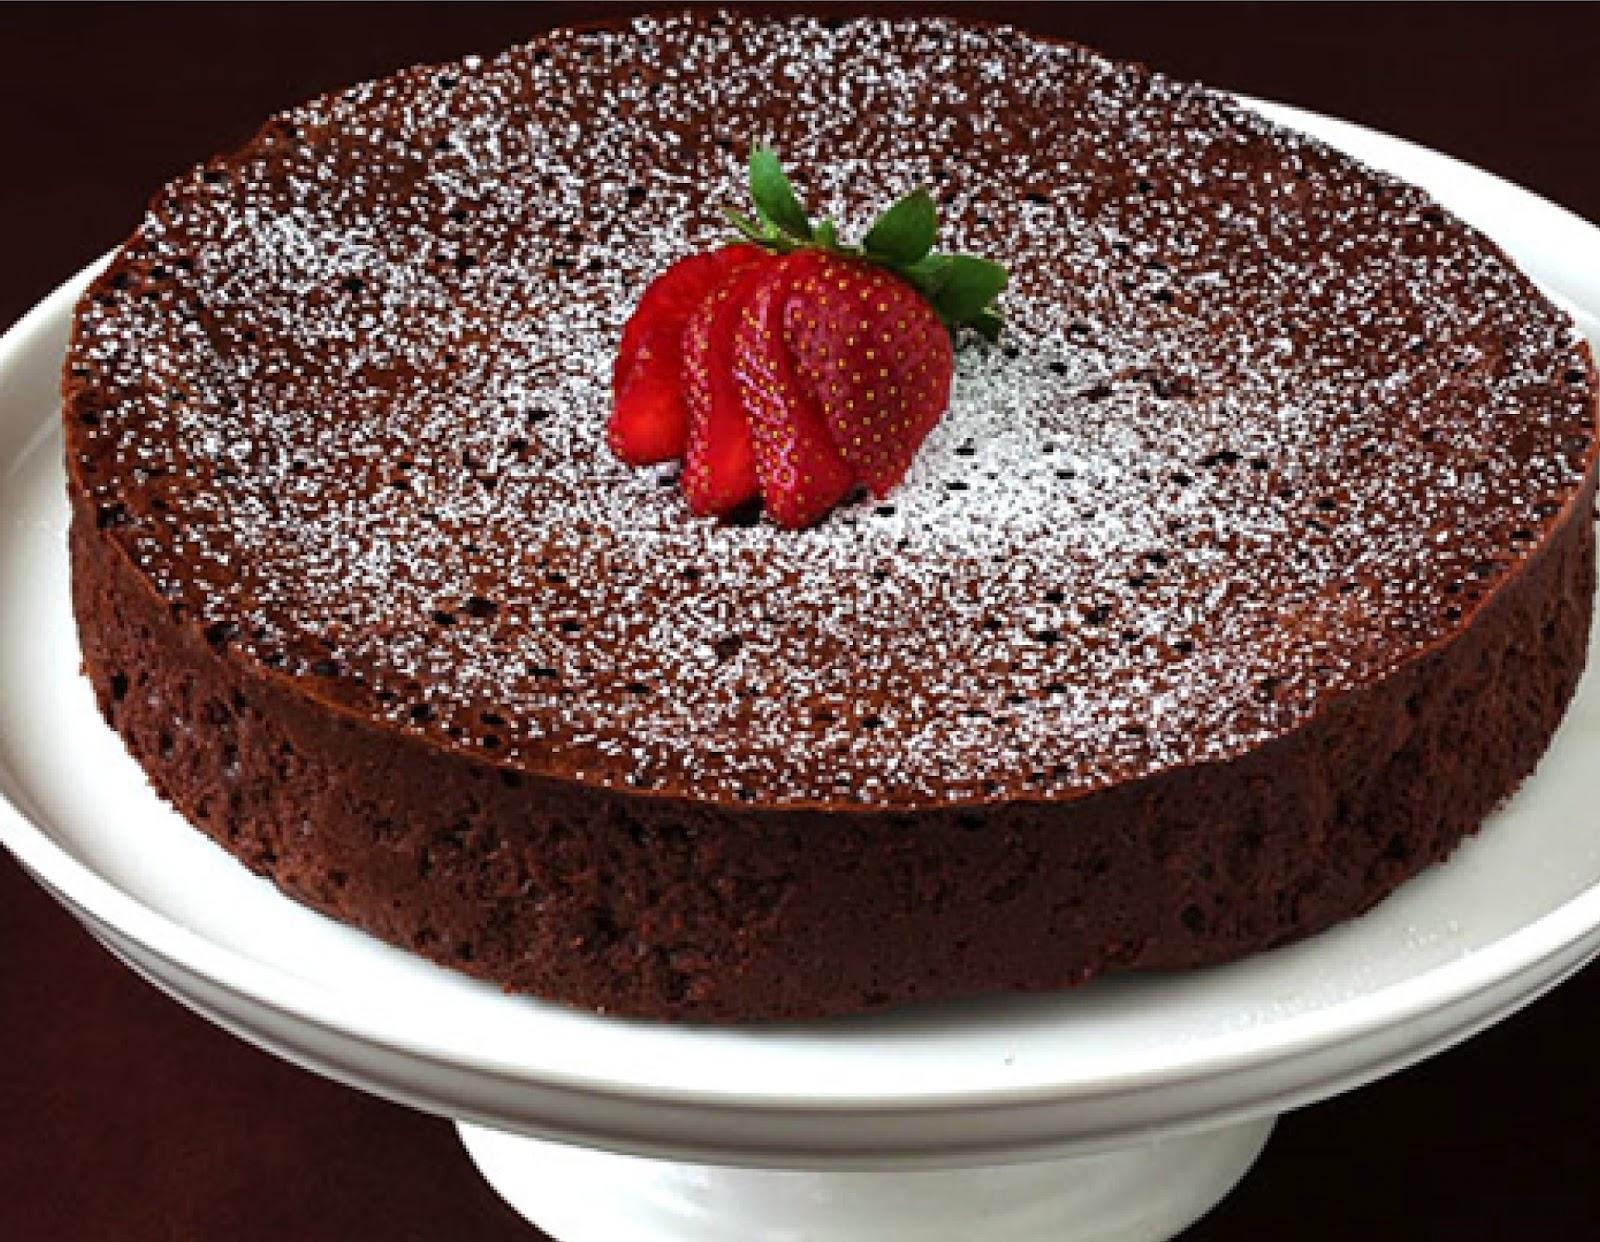 Wacky cake recipe 3 cups flour